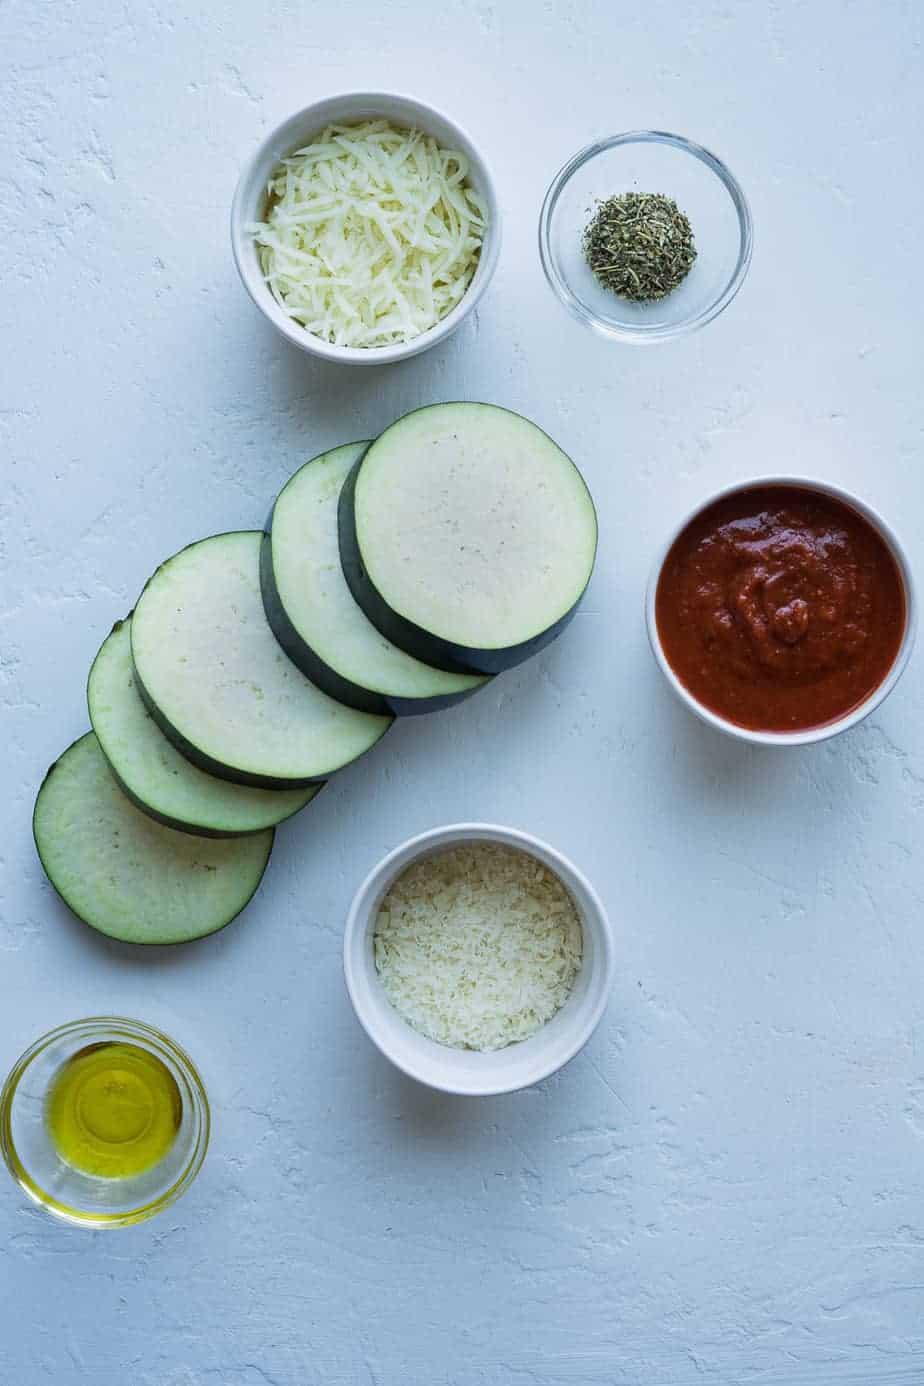 Ingredients to make eggplant parmesan in the air fryer.